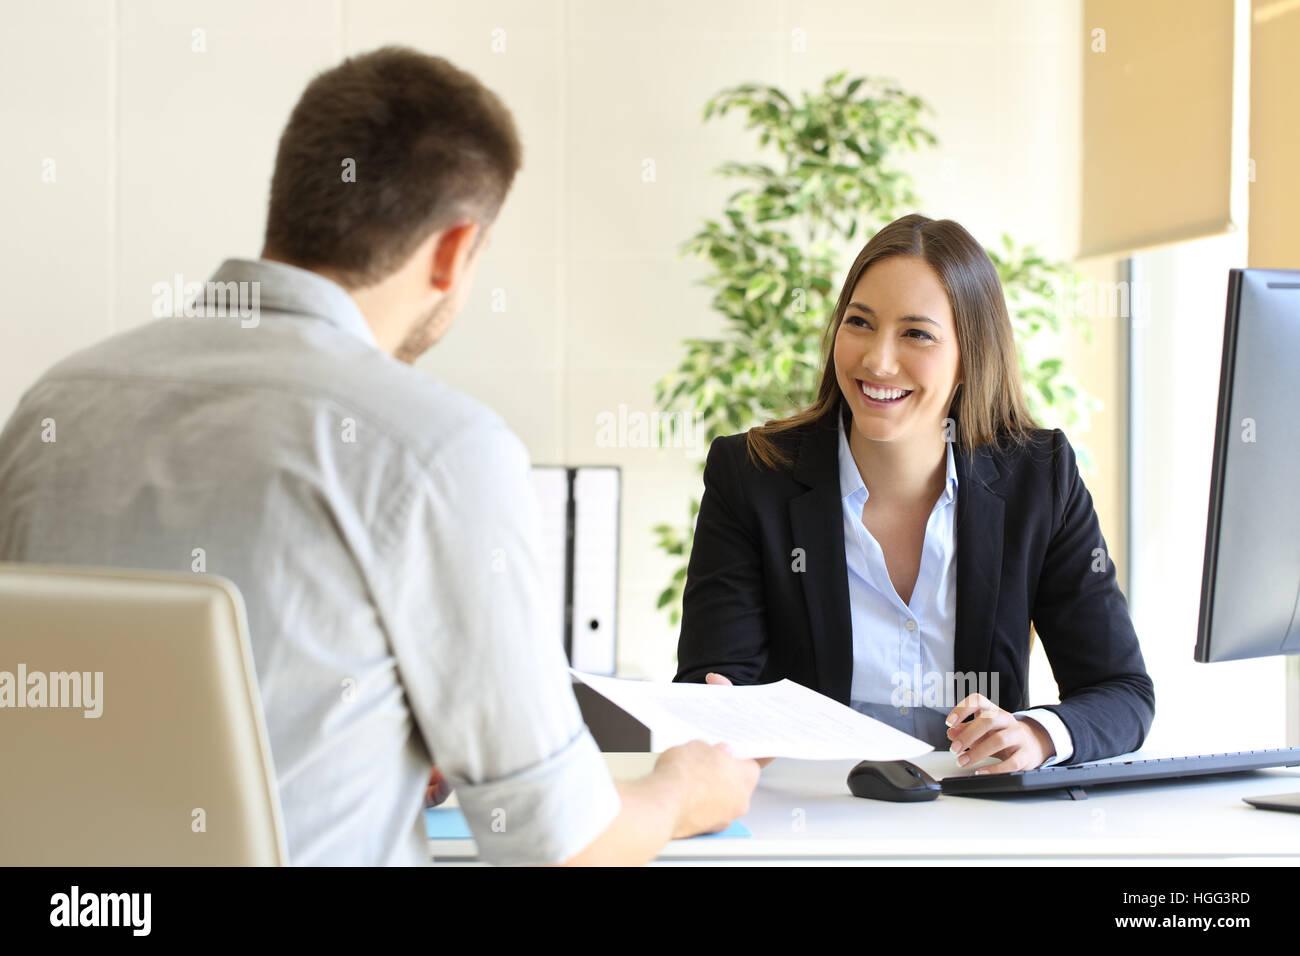 Guy dando un curriculum vitae a su entrevistador en una entrevista de trabajo Foto de stock